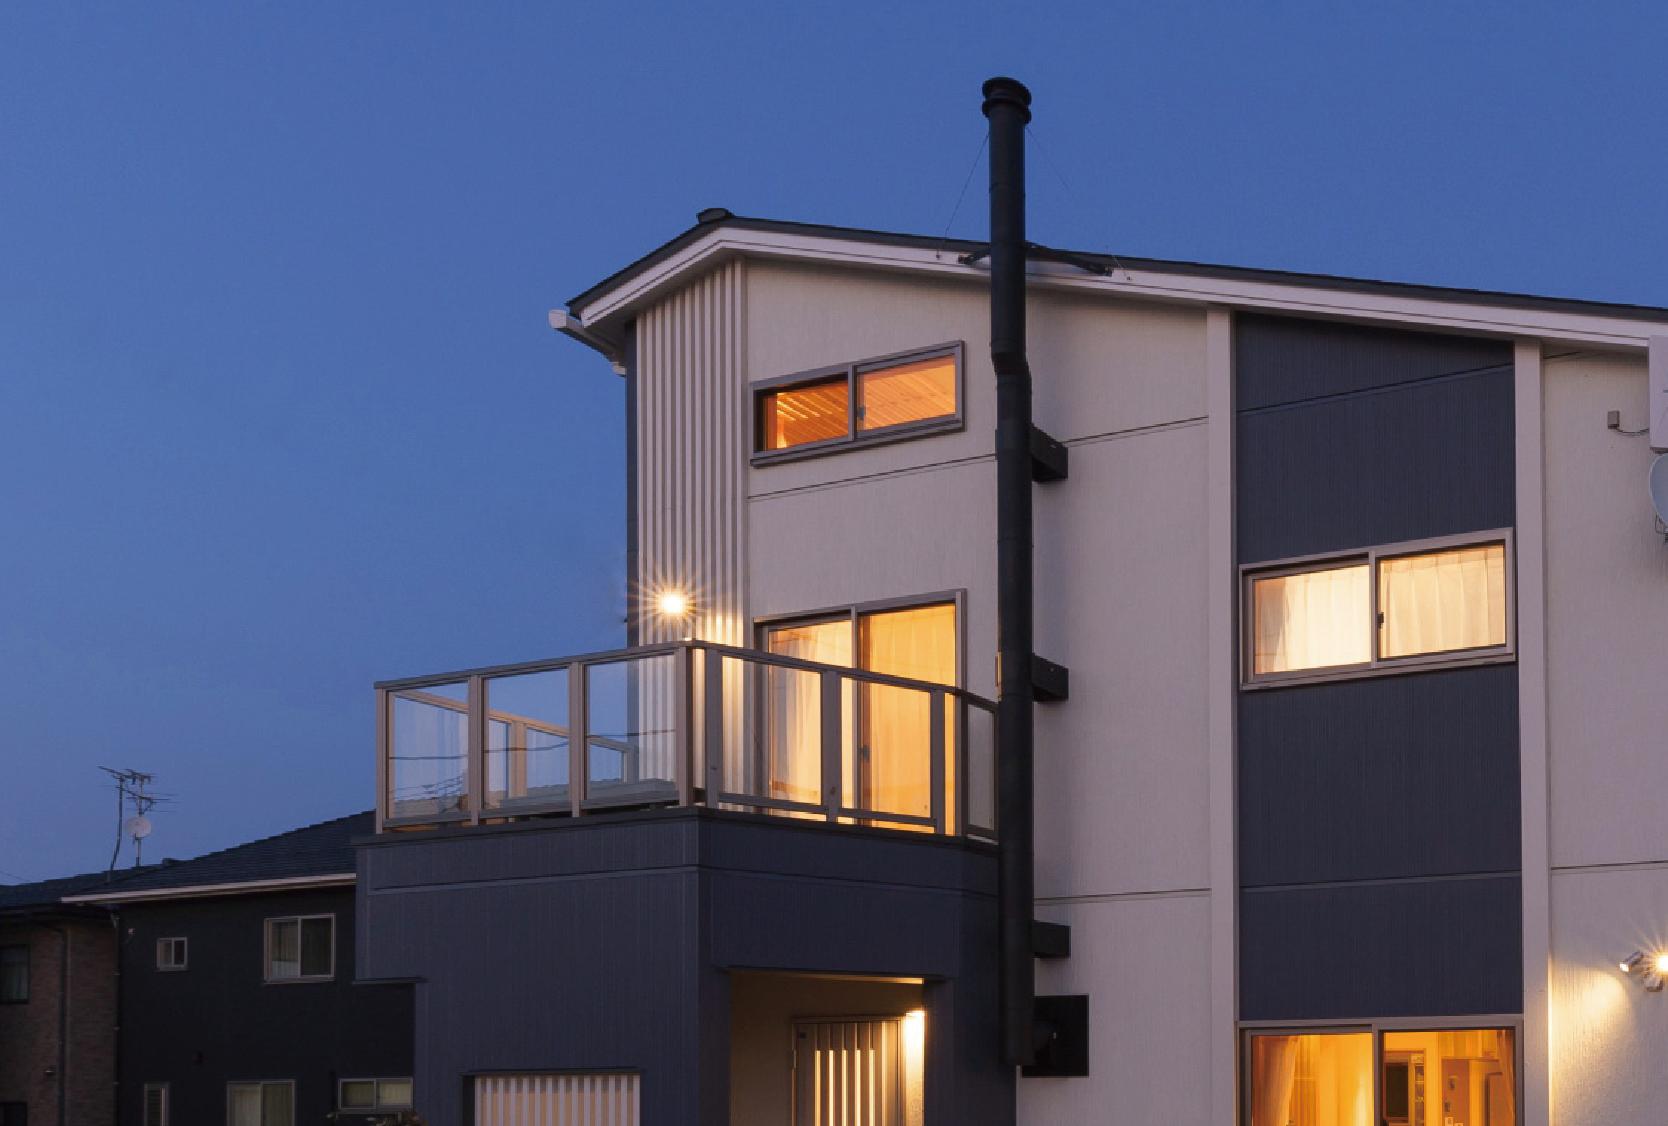 土地プランを決める前に、住宅会社や建築士に相談しましょう。